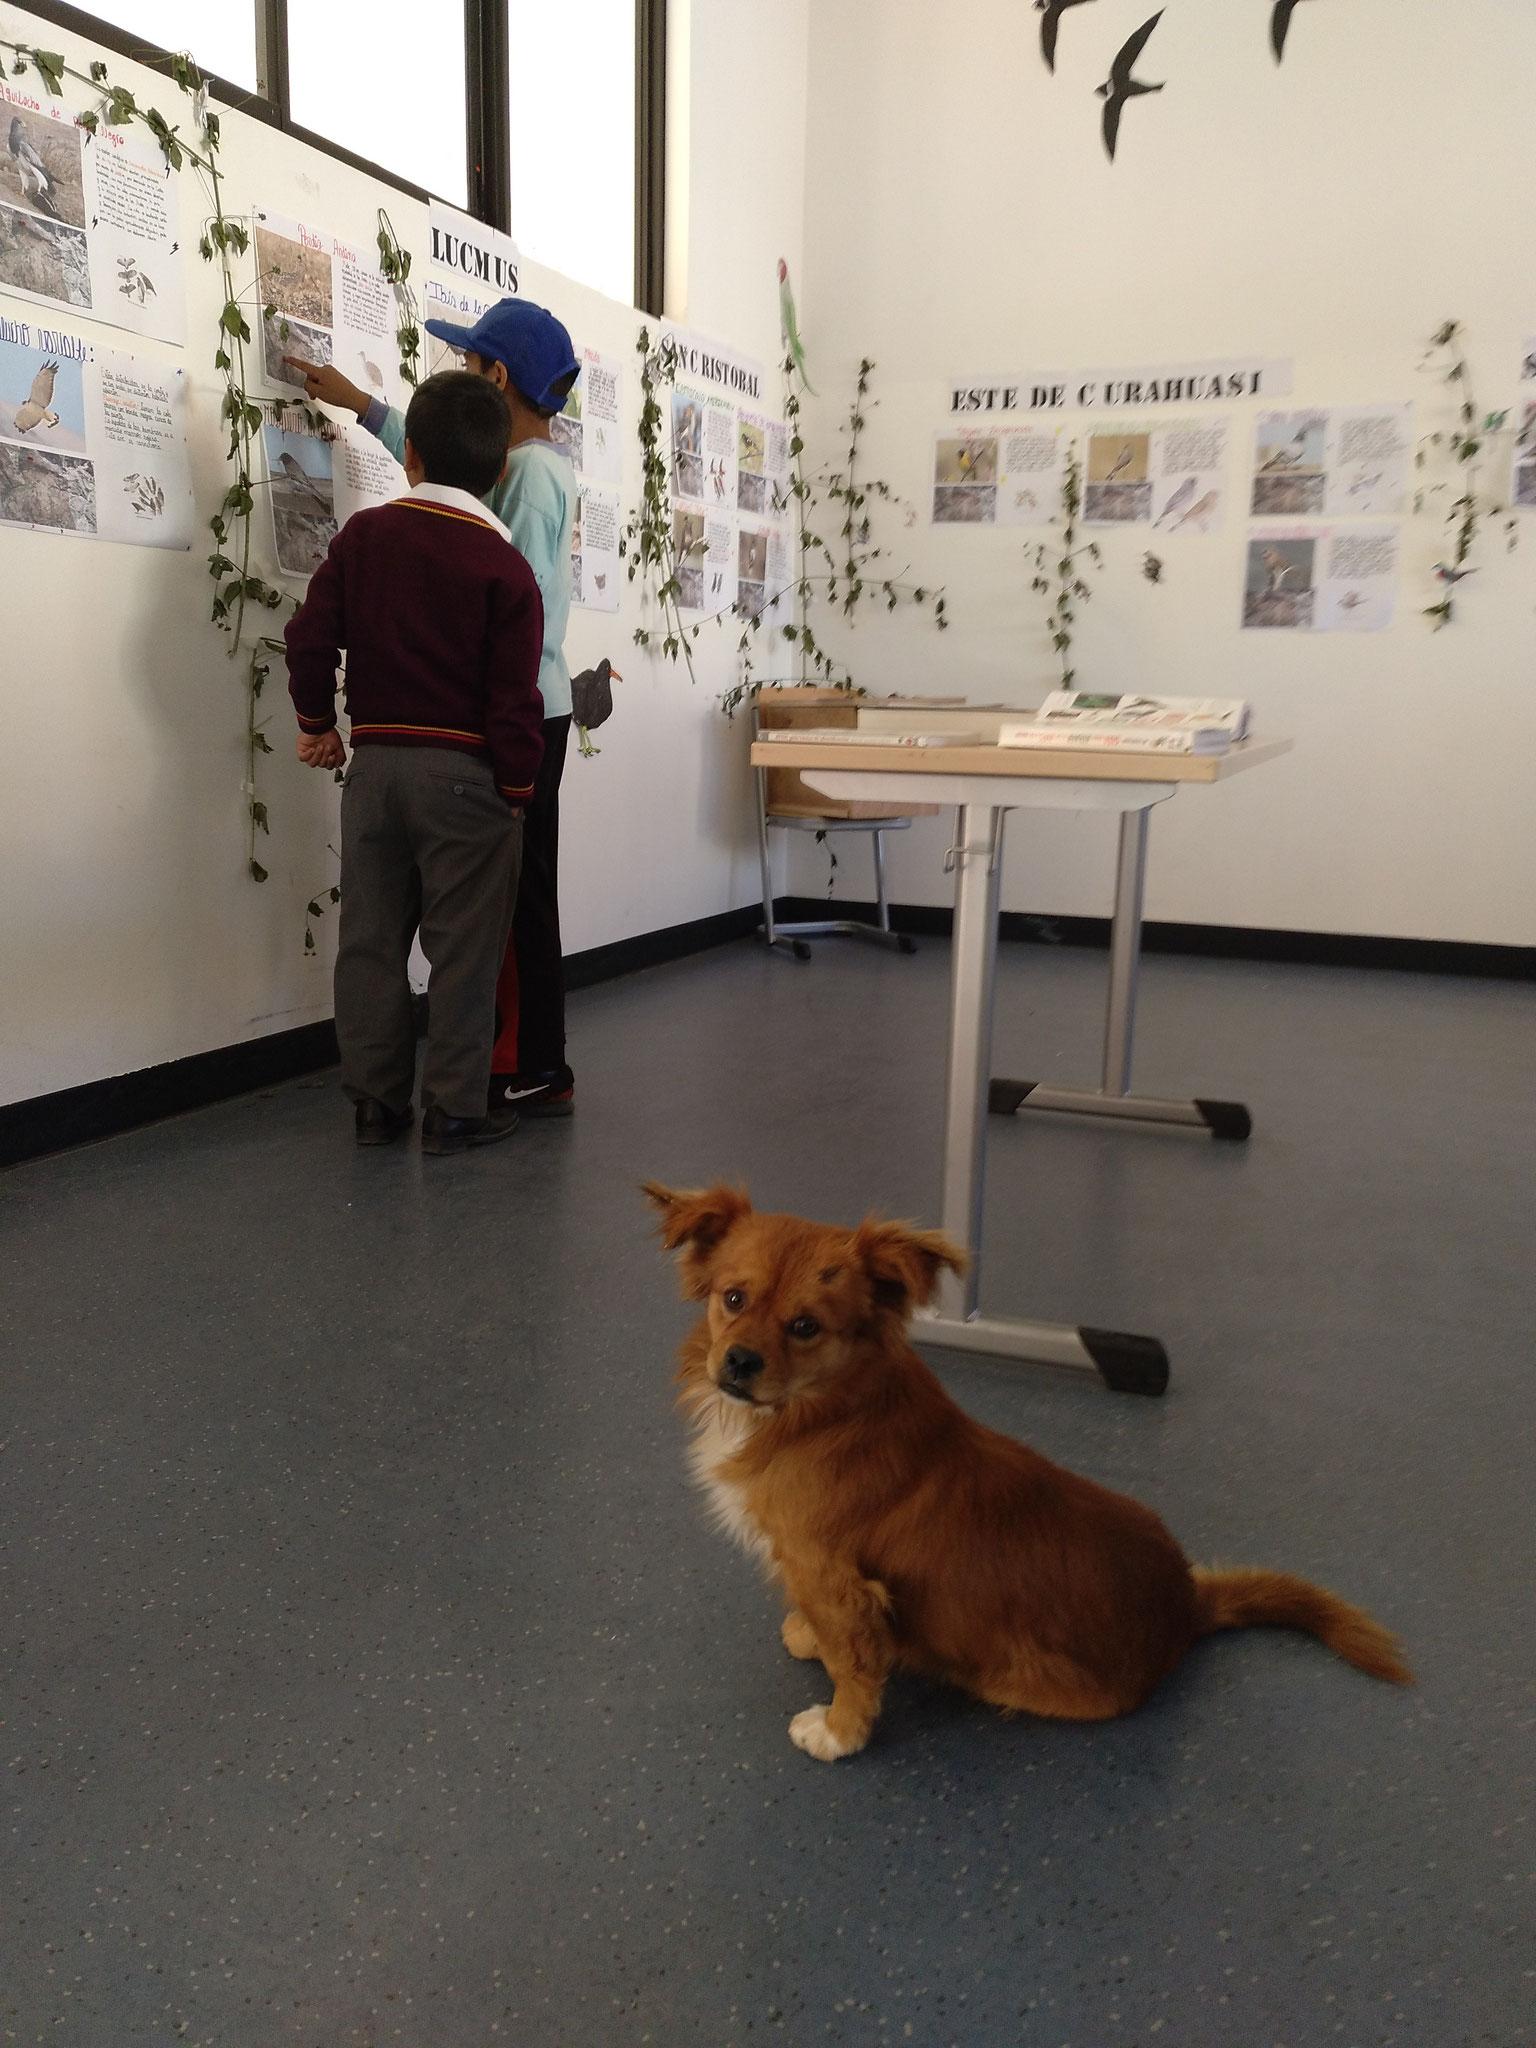 Hunde auf dem Schulgelände gibt es auch nur in Peru.